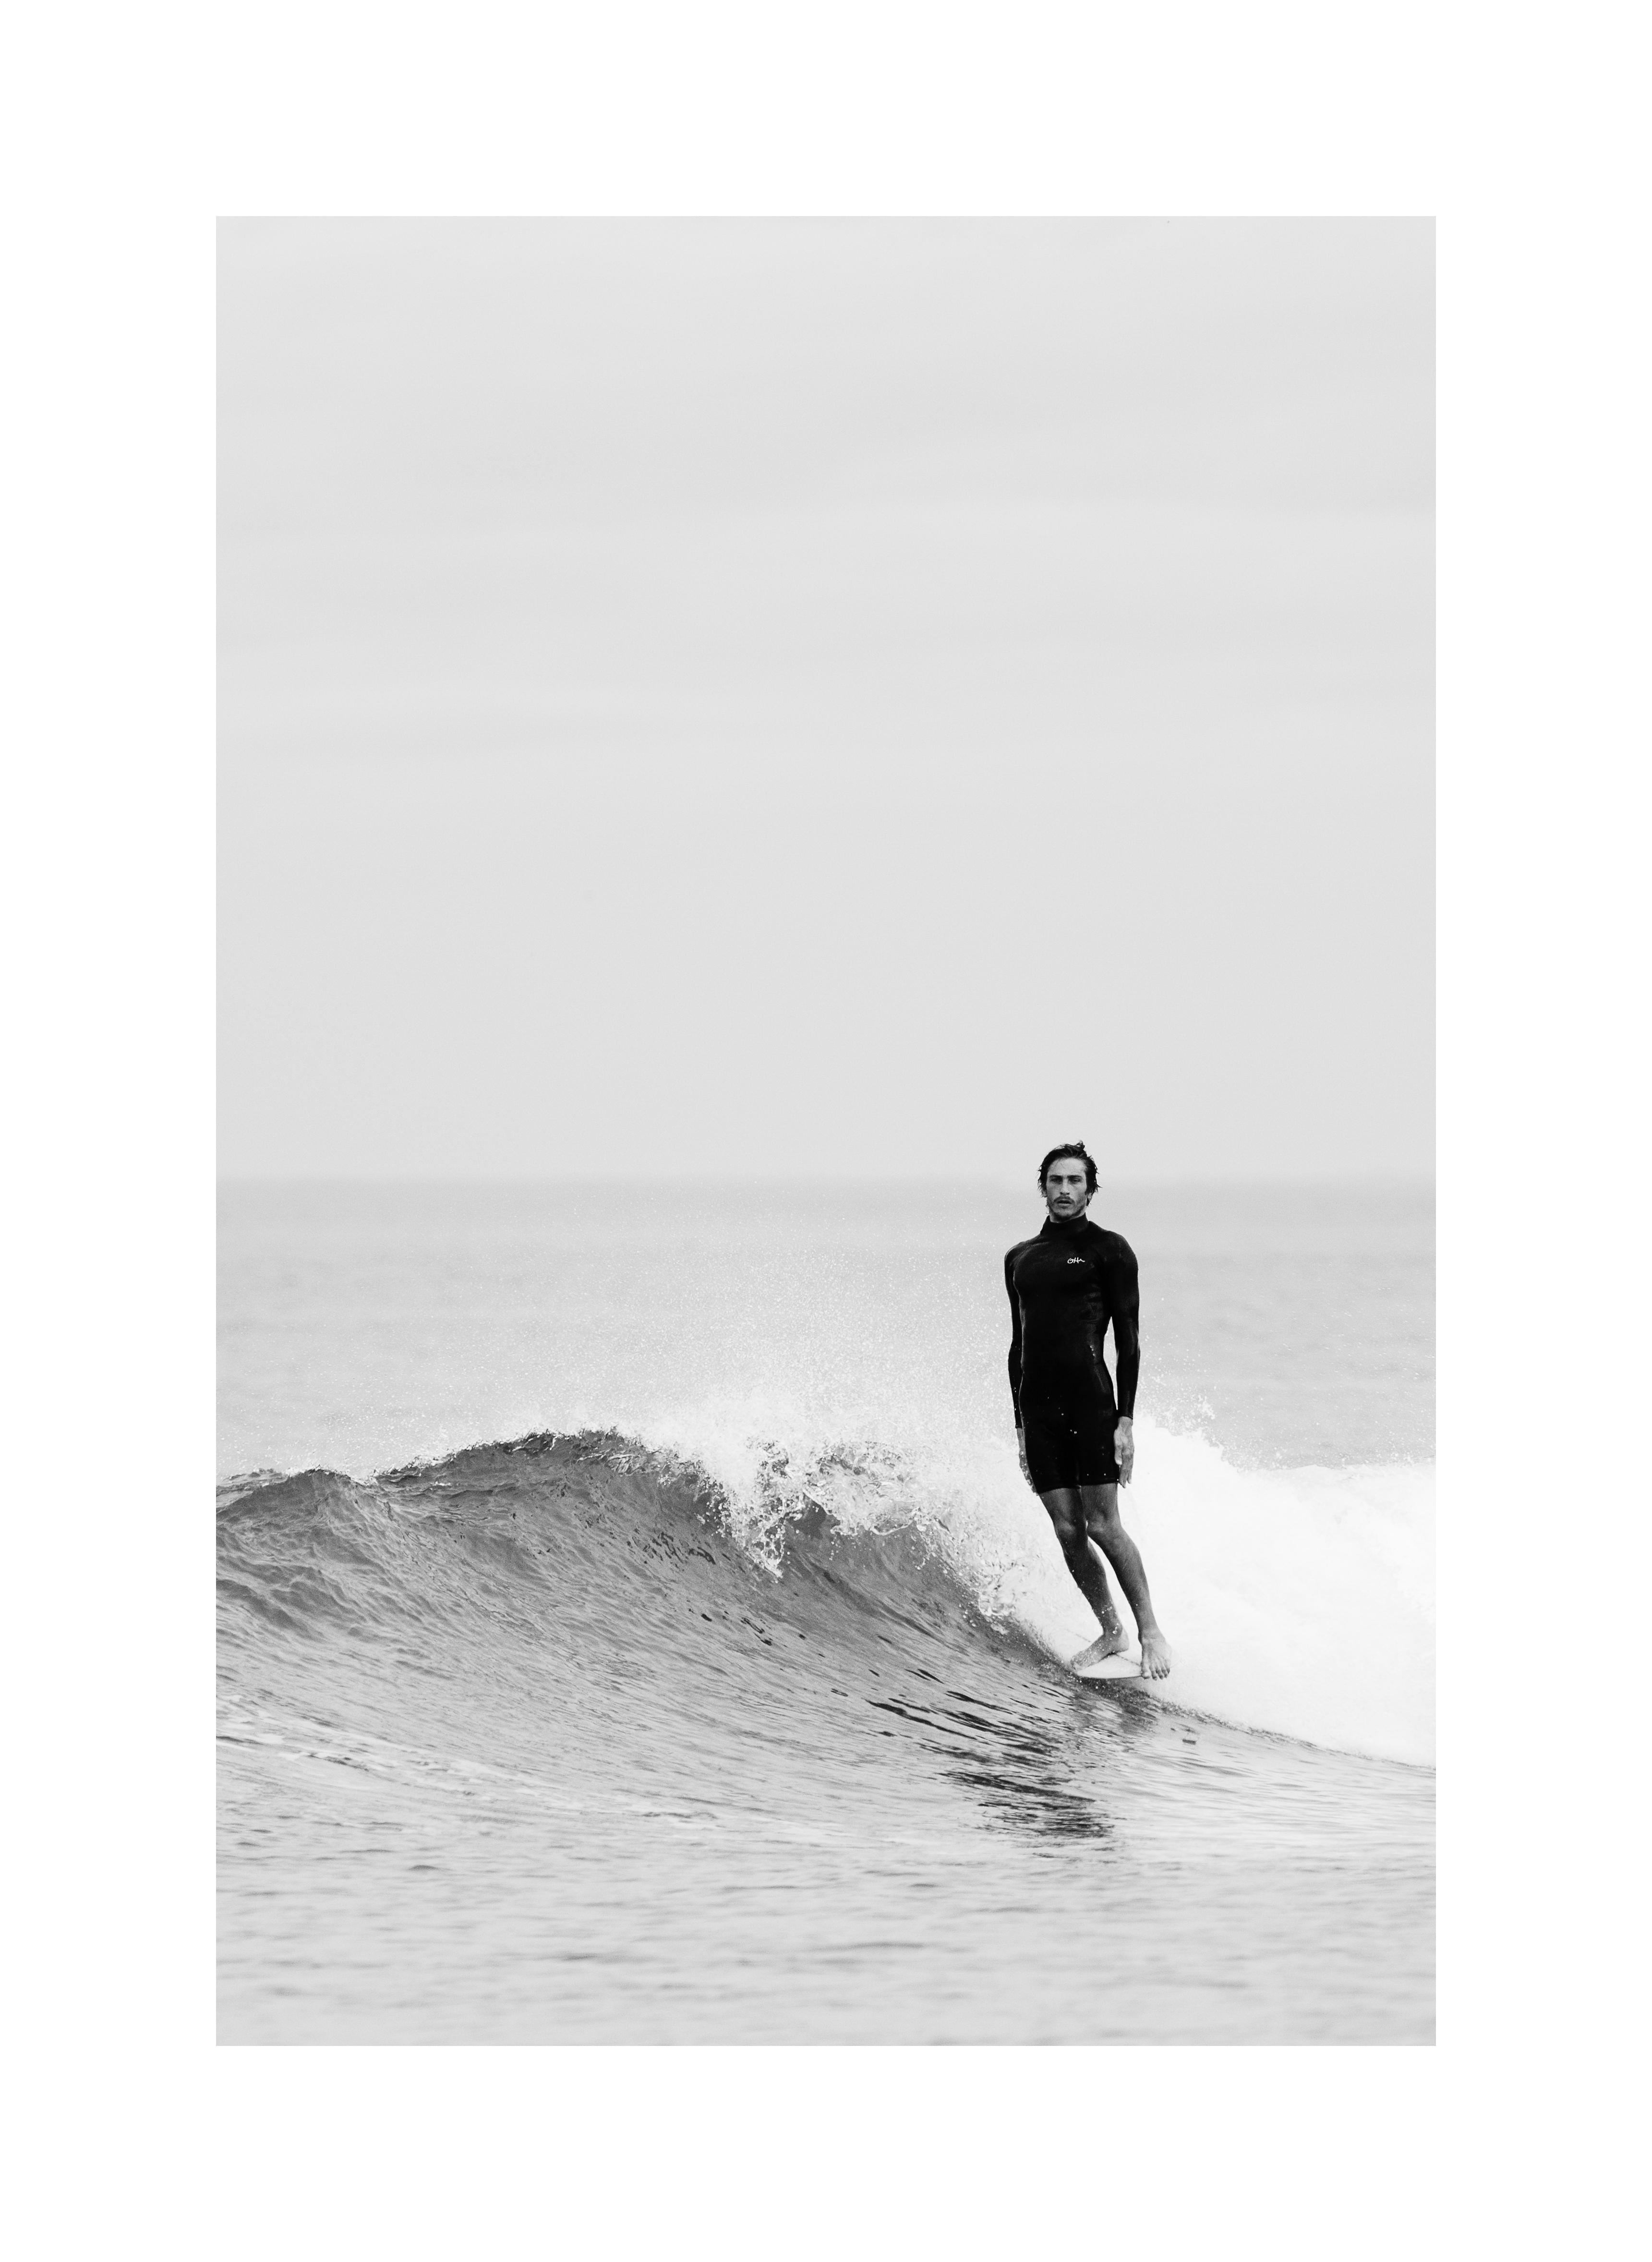 Elliot_Wouter-Struyf_Kegel_StandingTall